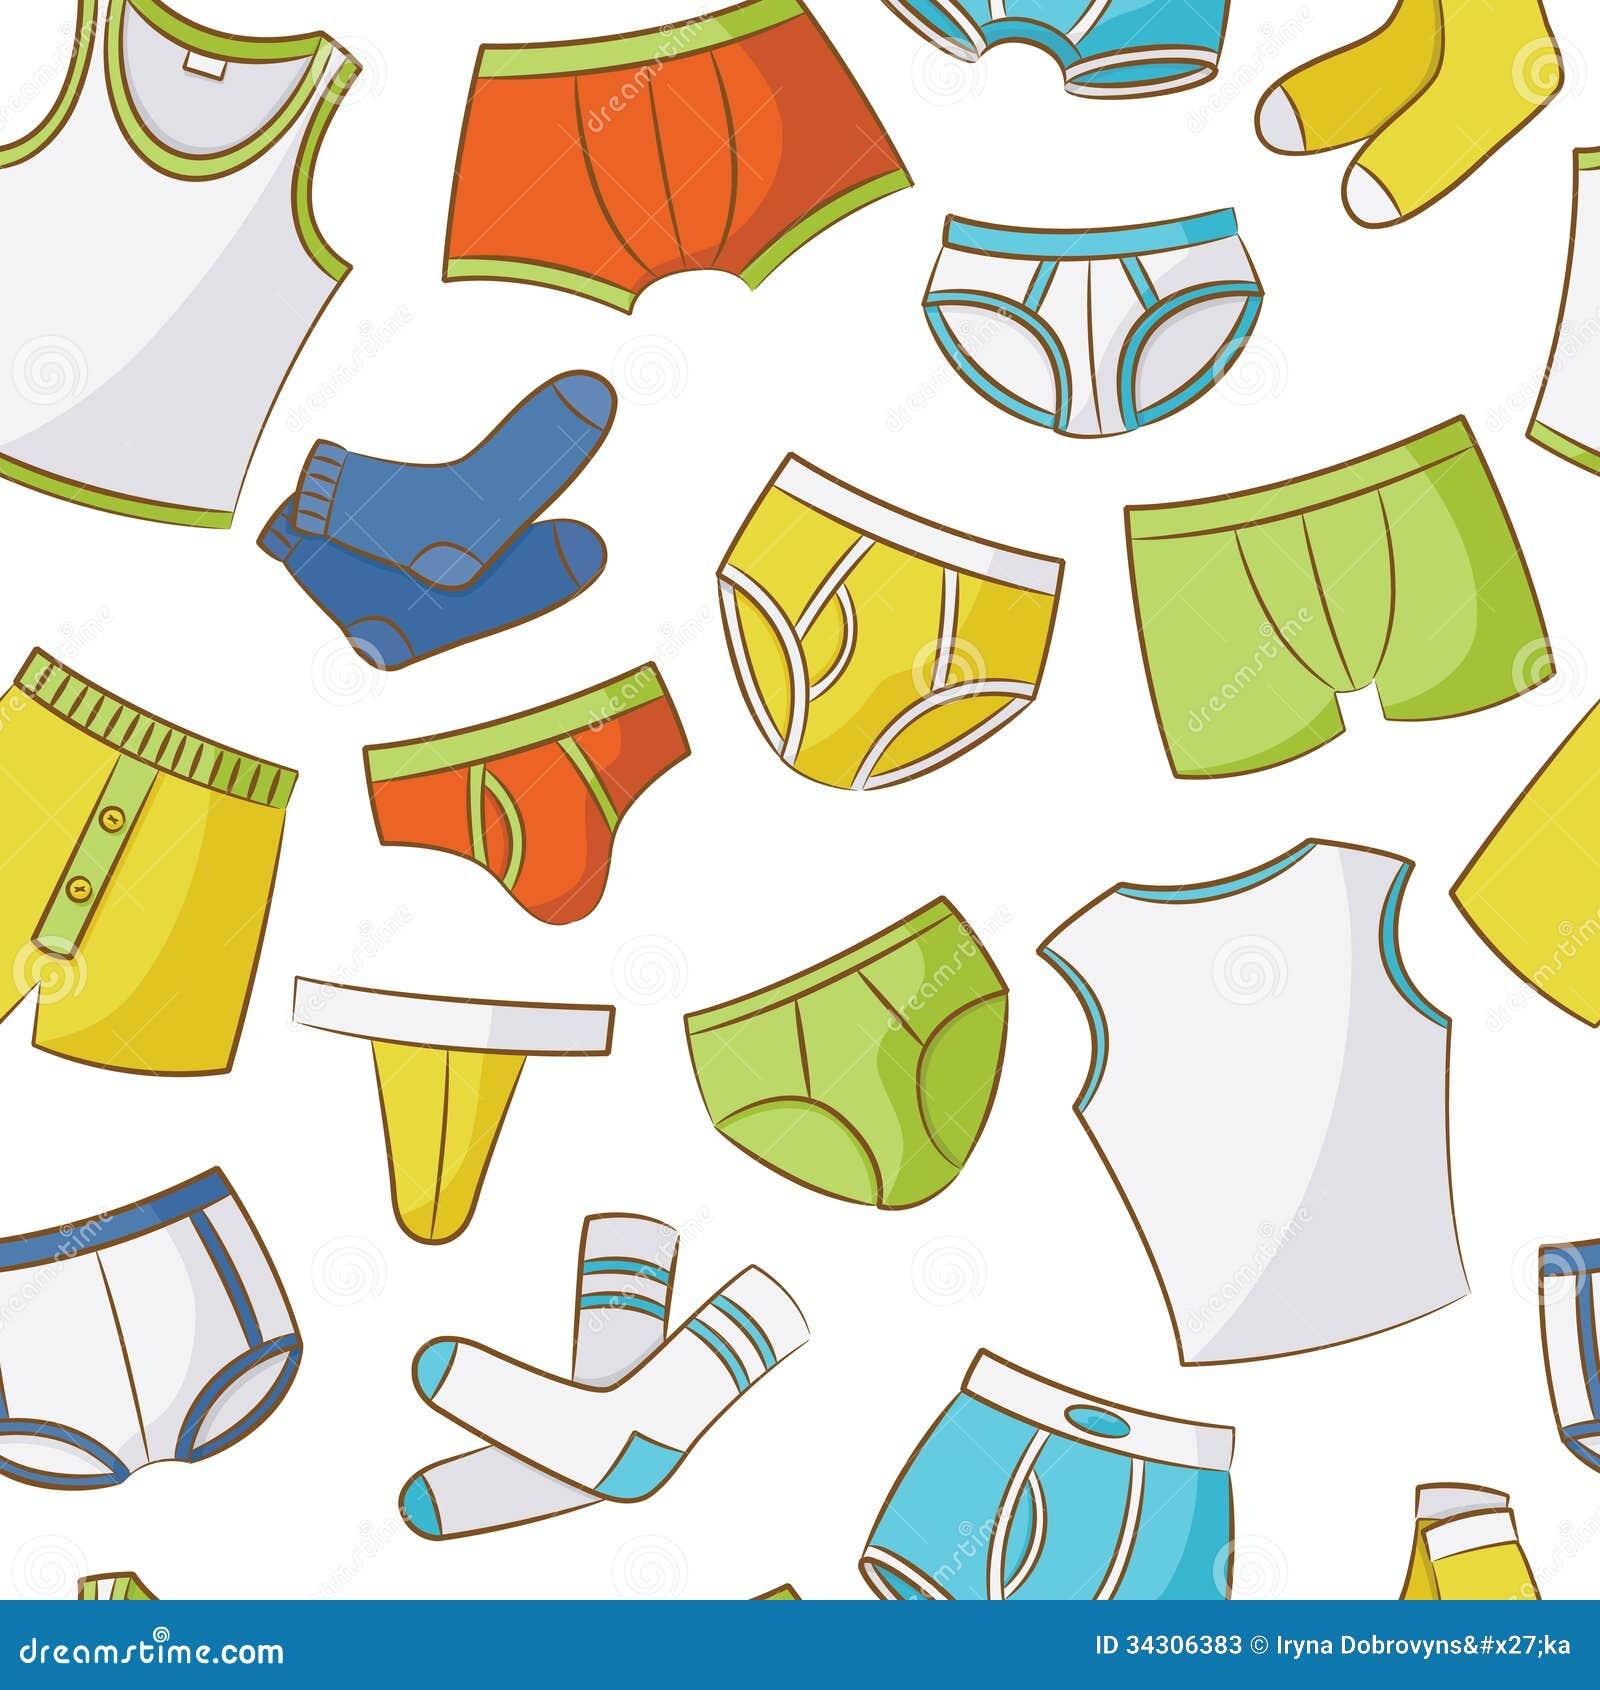 clipart underwear free - photo #40